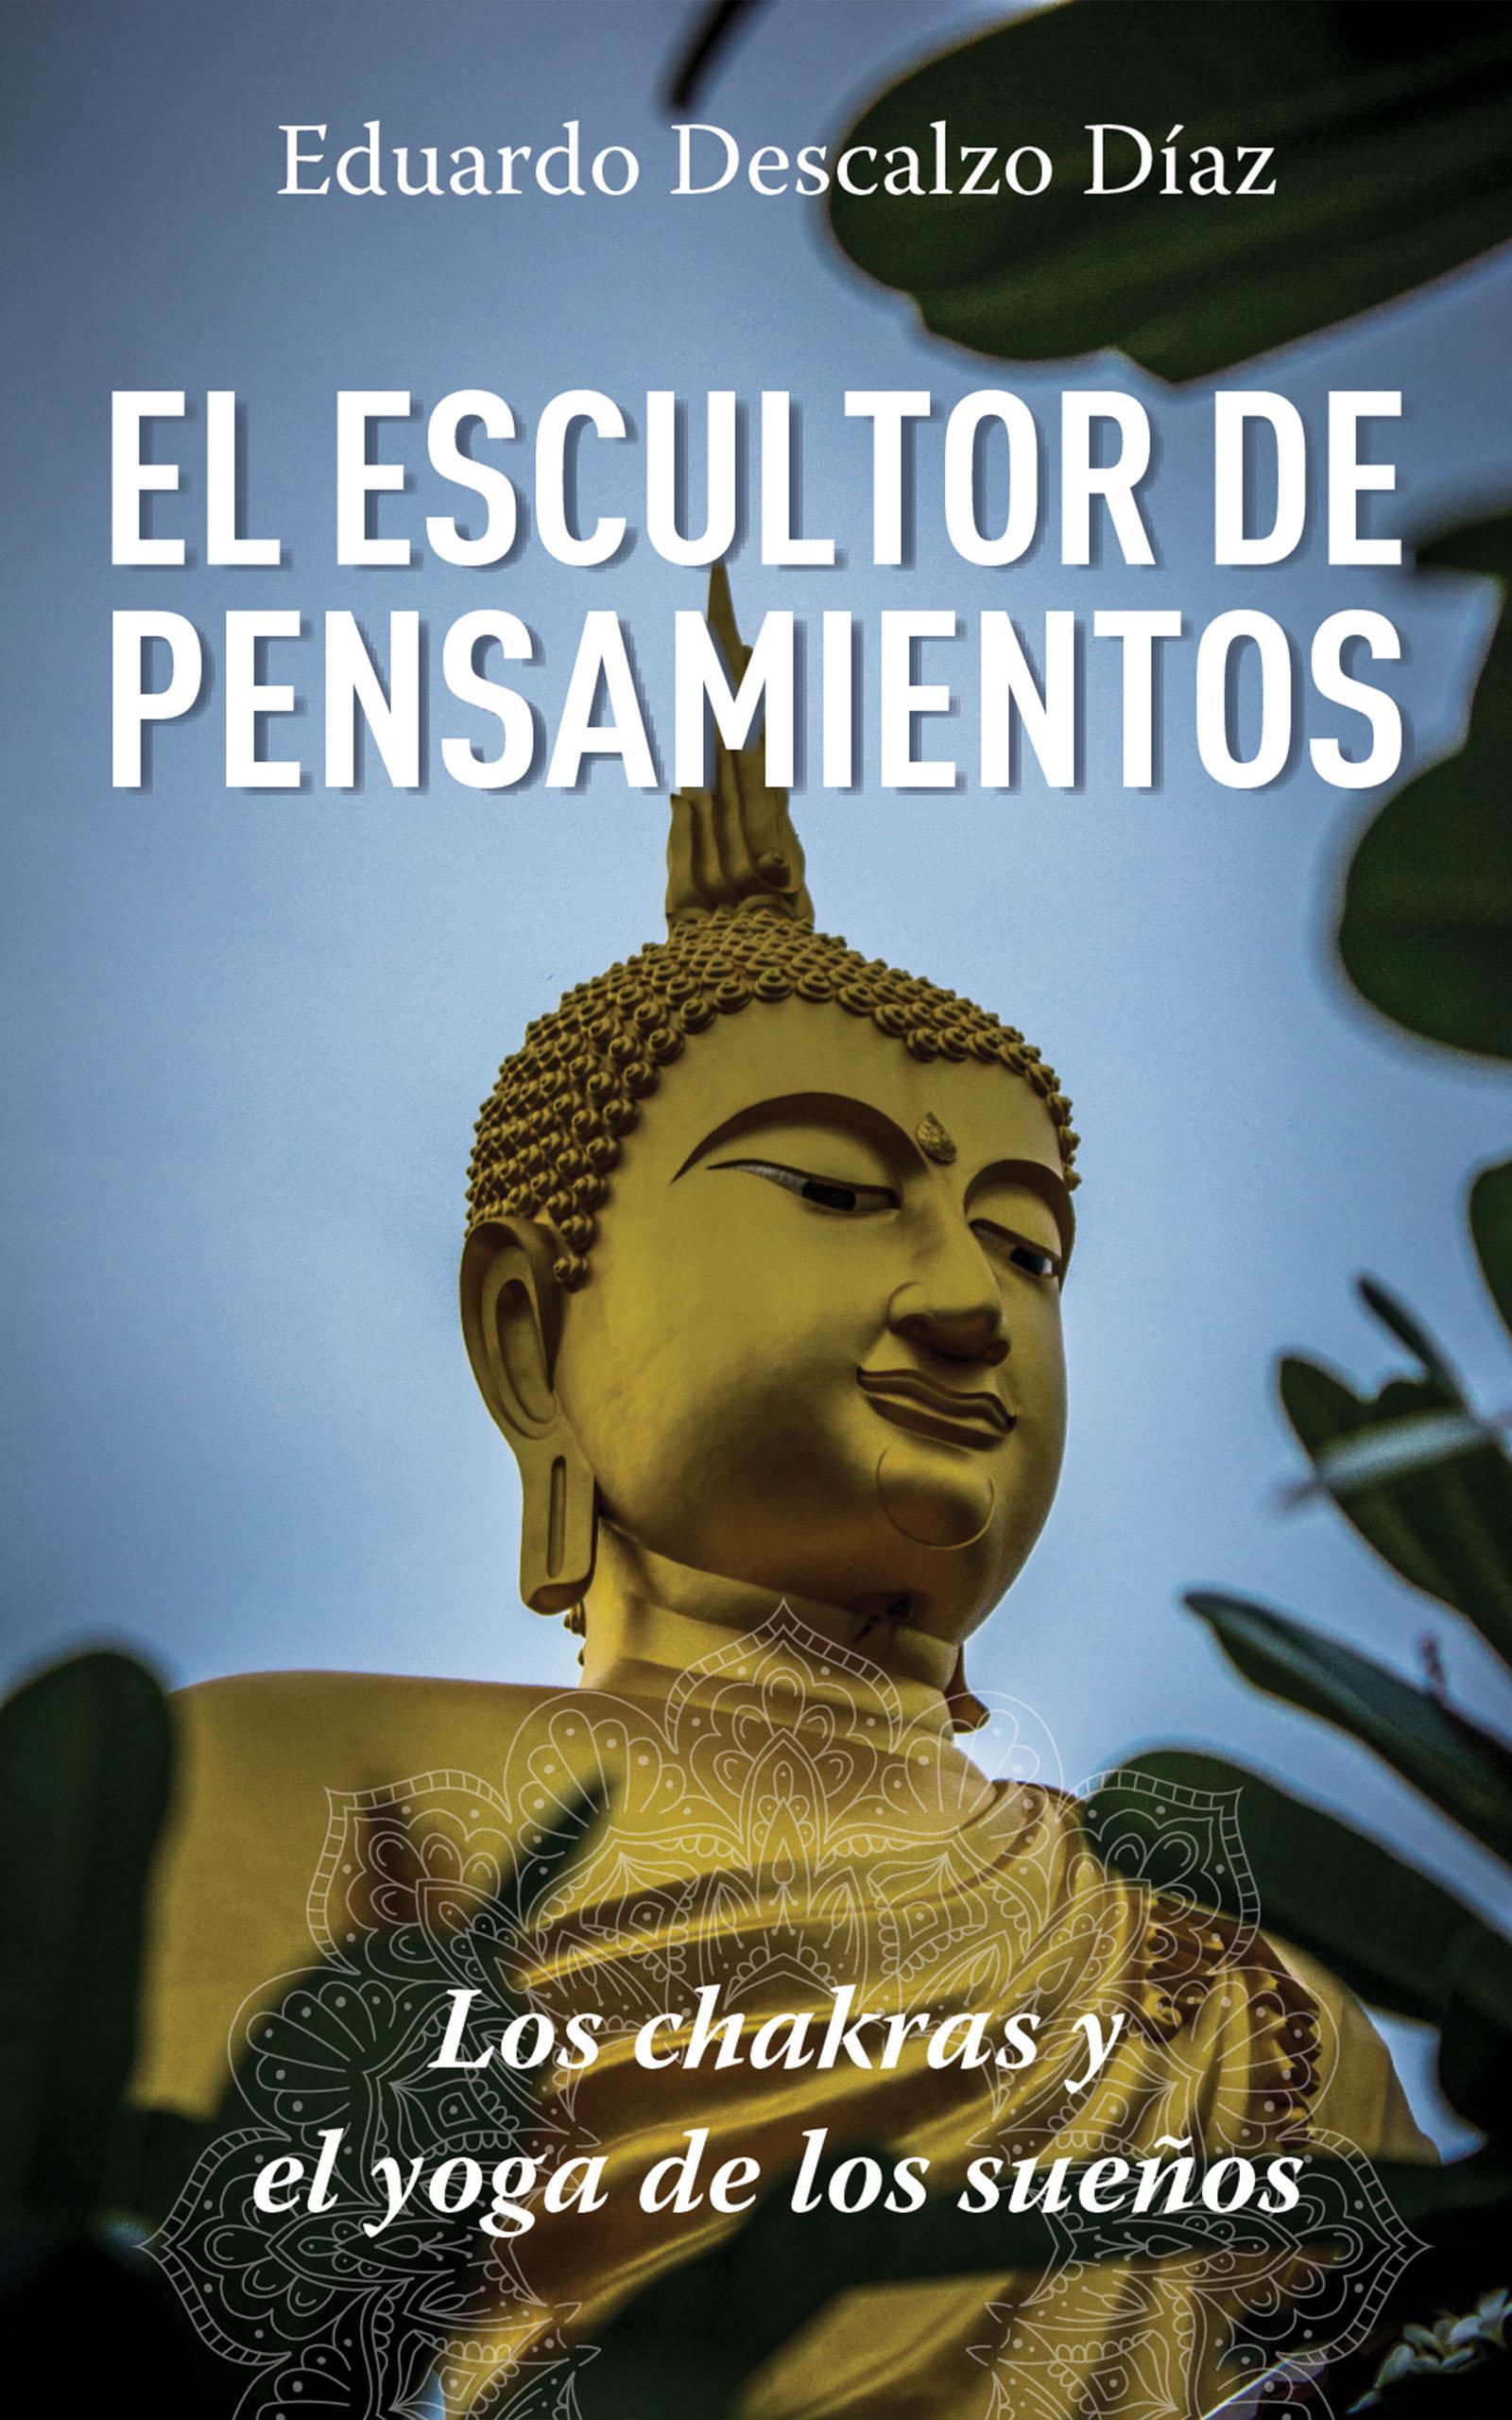 El escultor de pensamientos, de Eduardo Descalzo Díaz